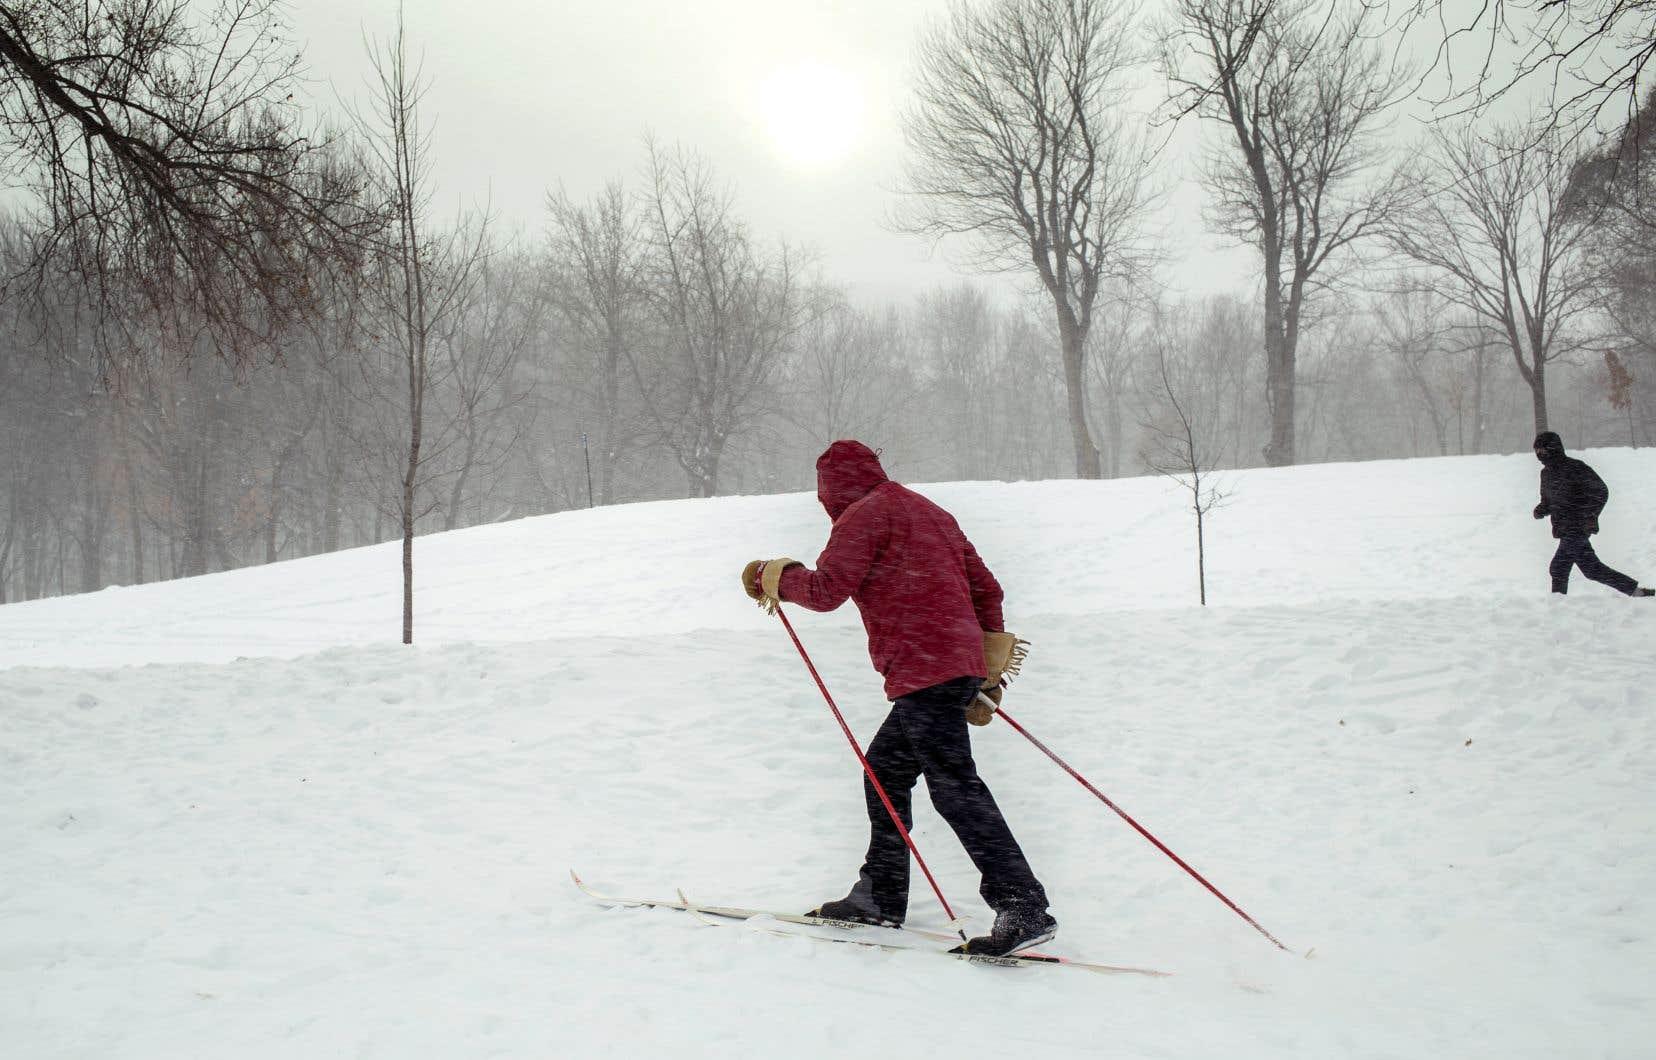 Les amateurs de sports d'hiver en ont profité pour se dégourdir les jambes, comme ce fondeur dans le parc Jeanne-Mance, au pied du mont Royal.